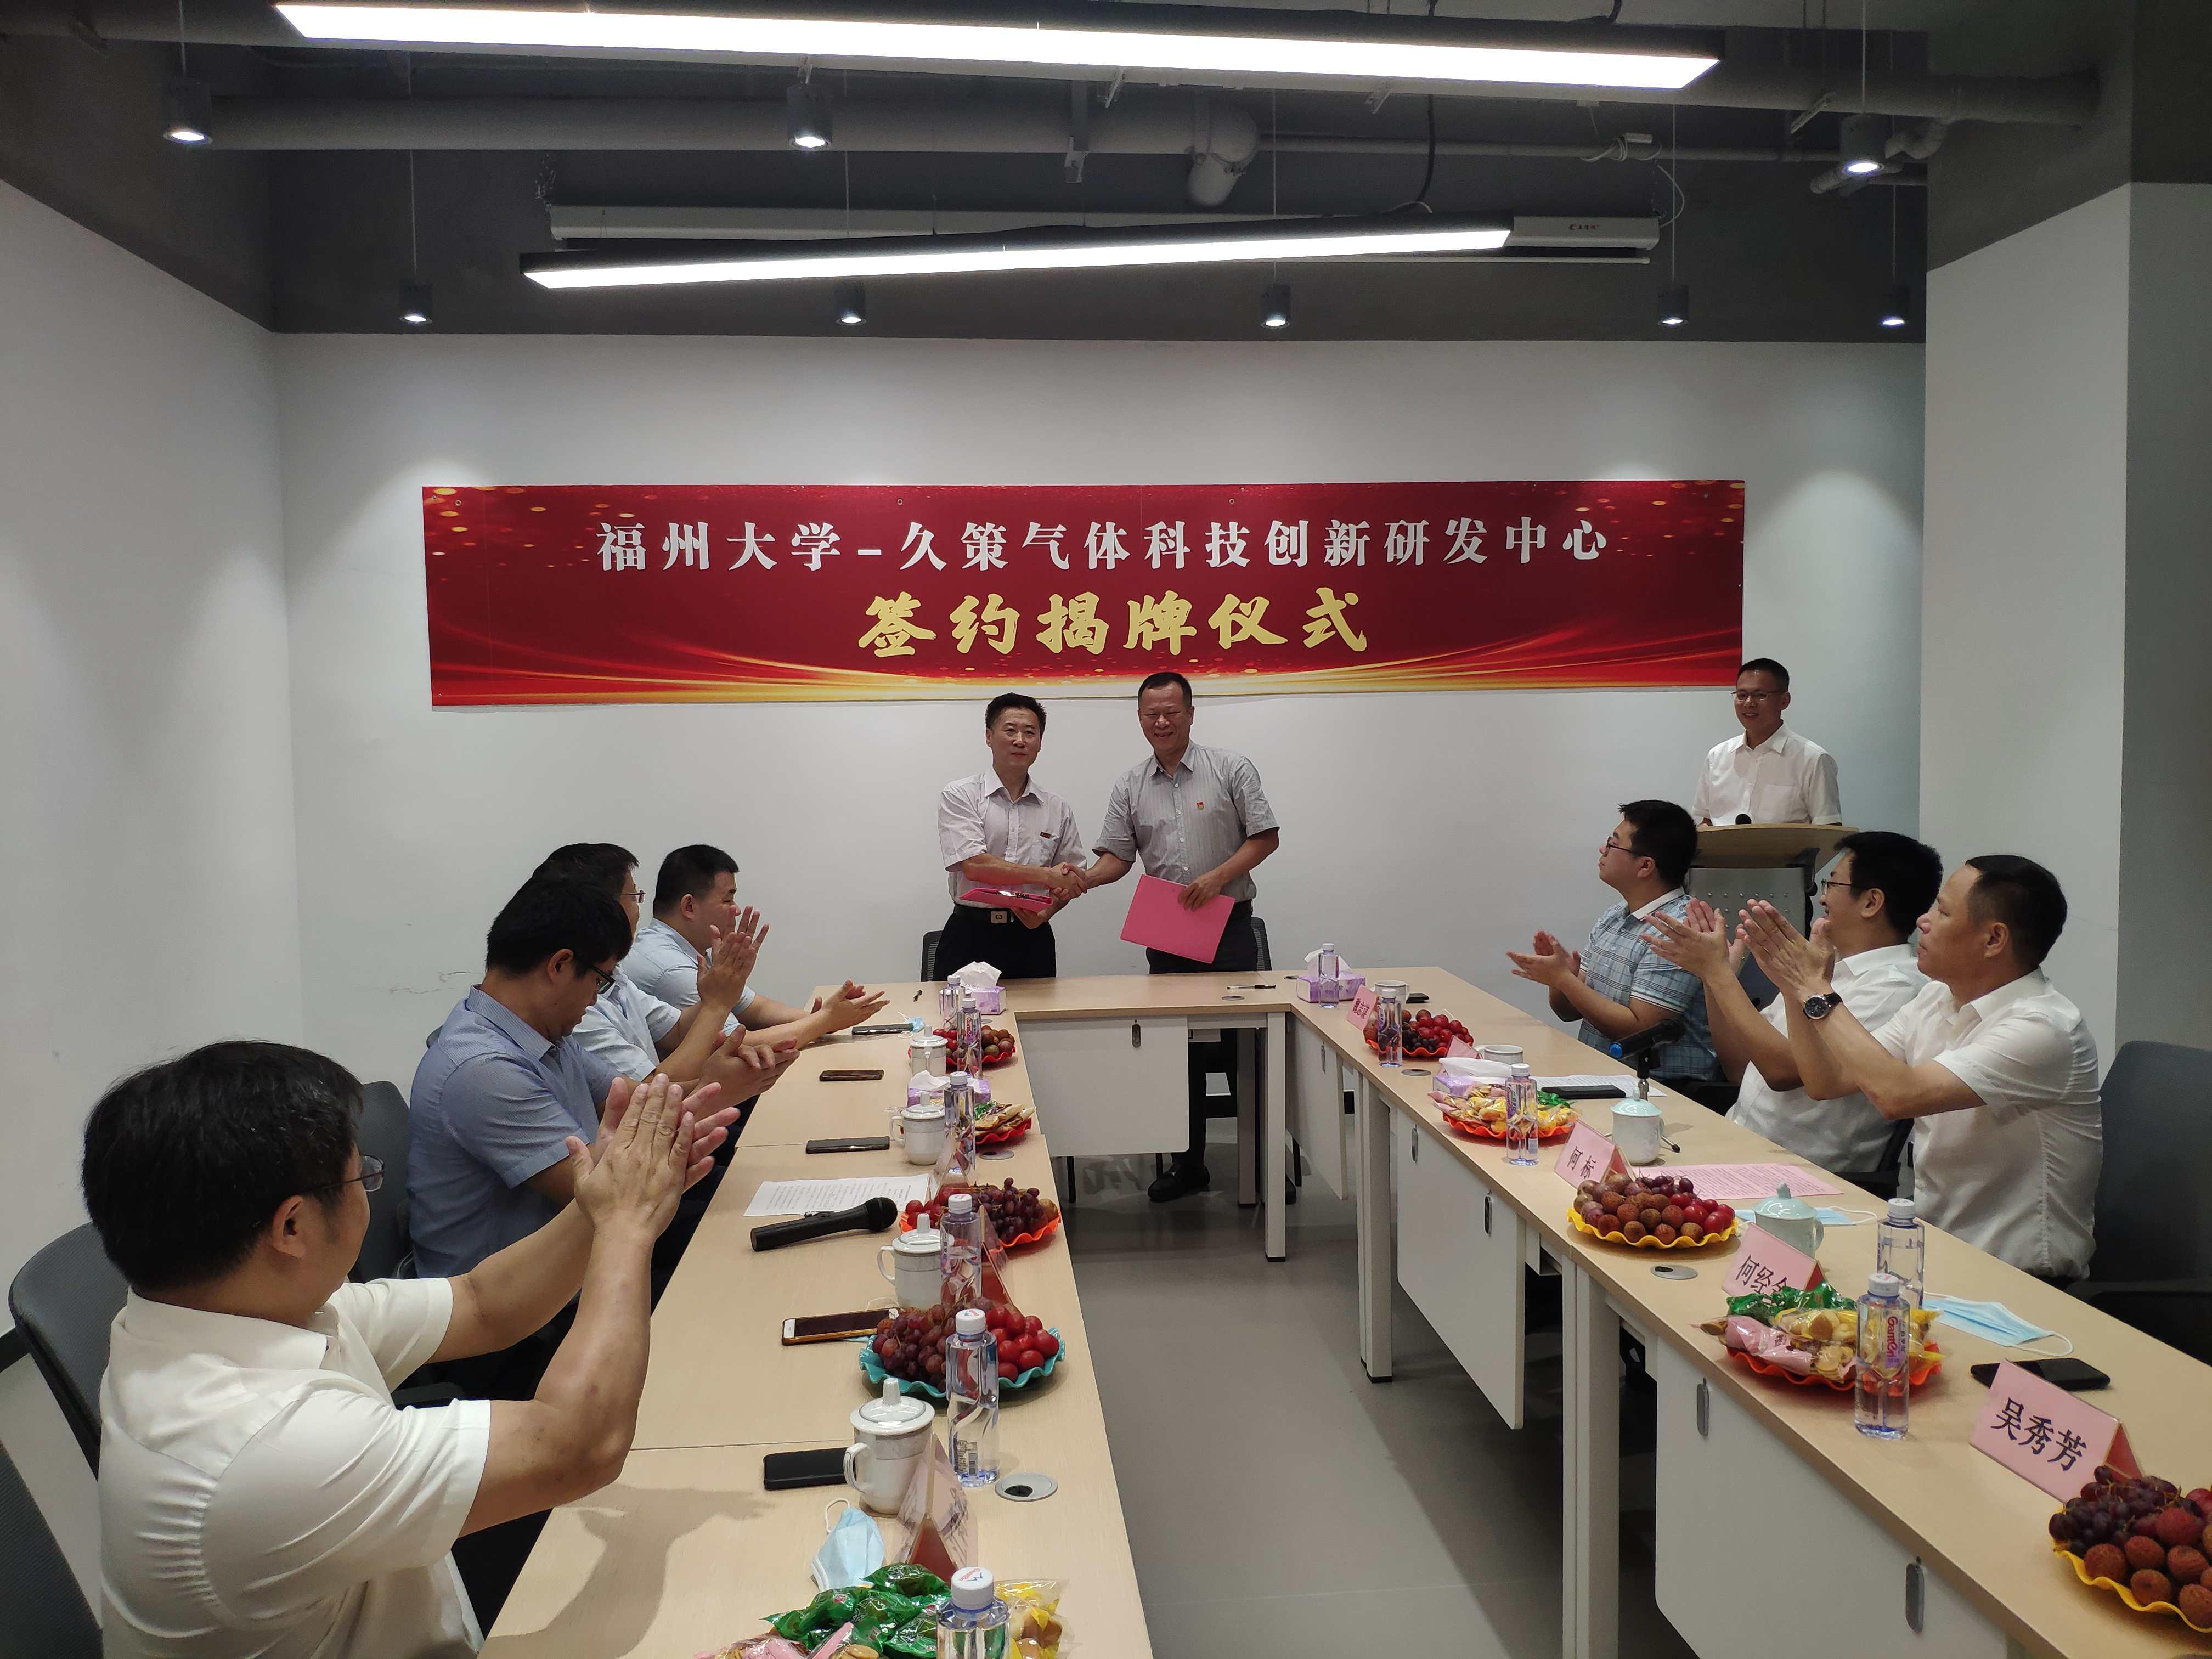 福州大学与久策集团有限公司共建合作签约仪式举行